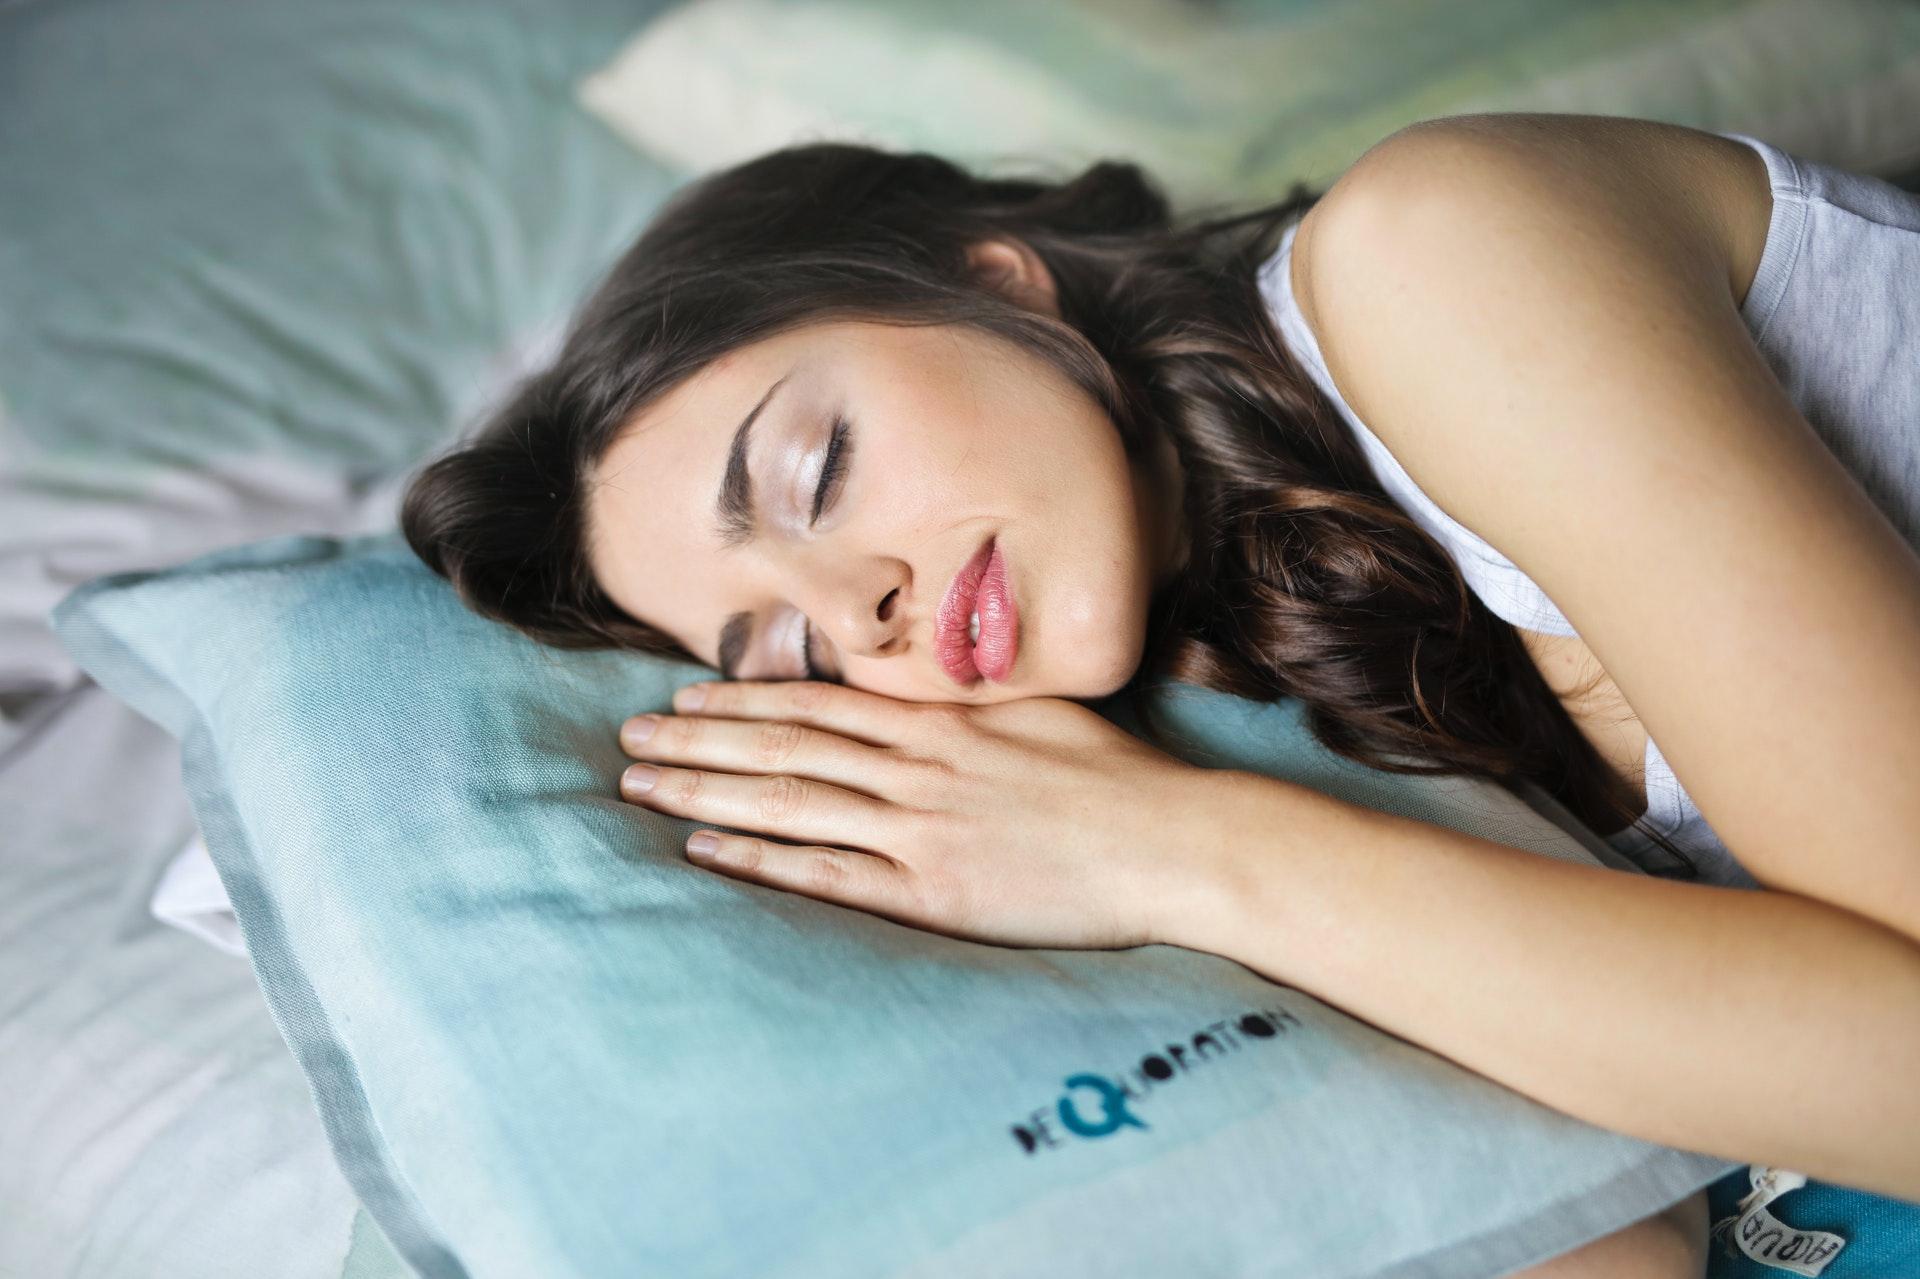 Пульмонолог Абакумов предупредил, что недосып может увеличить риск тяжелого течения COVID-19